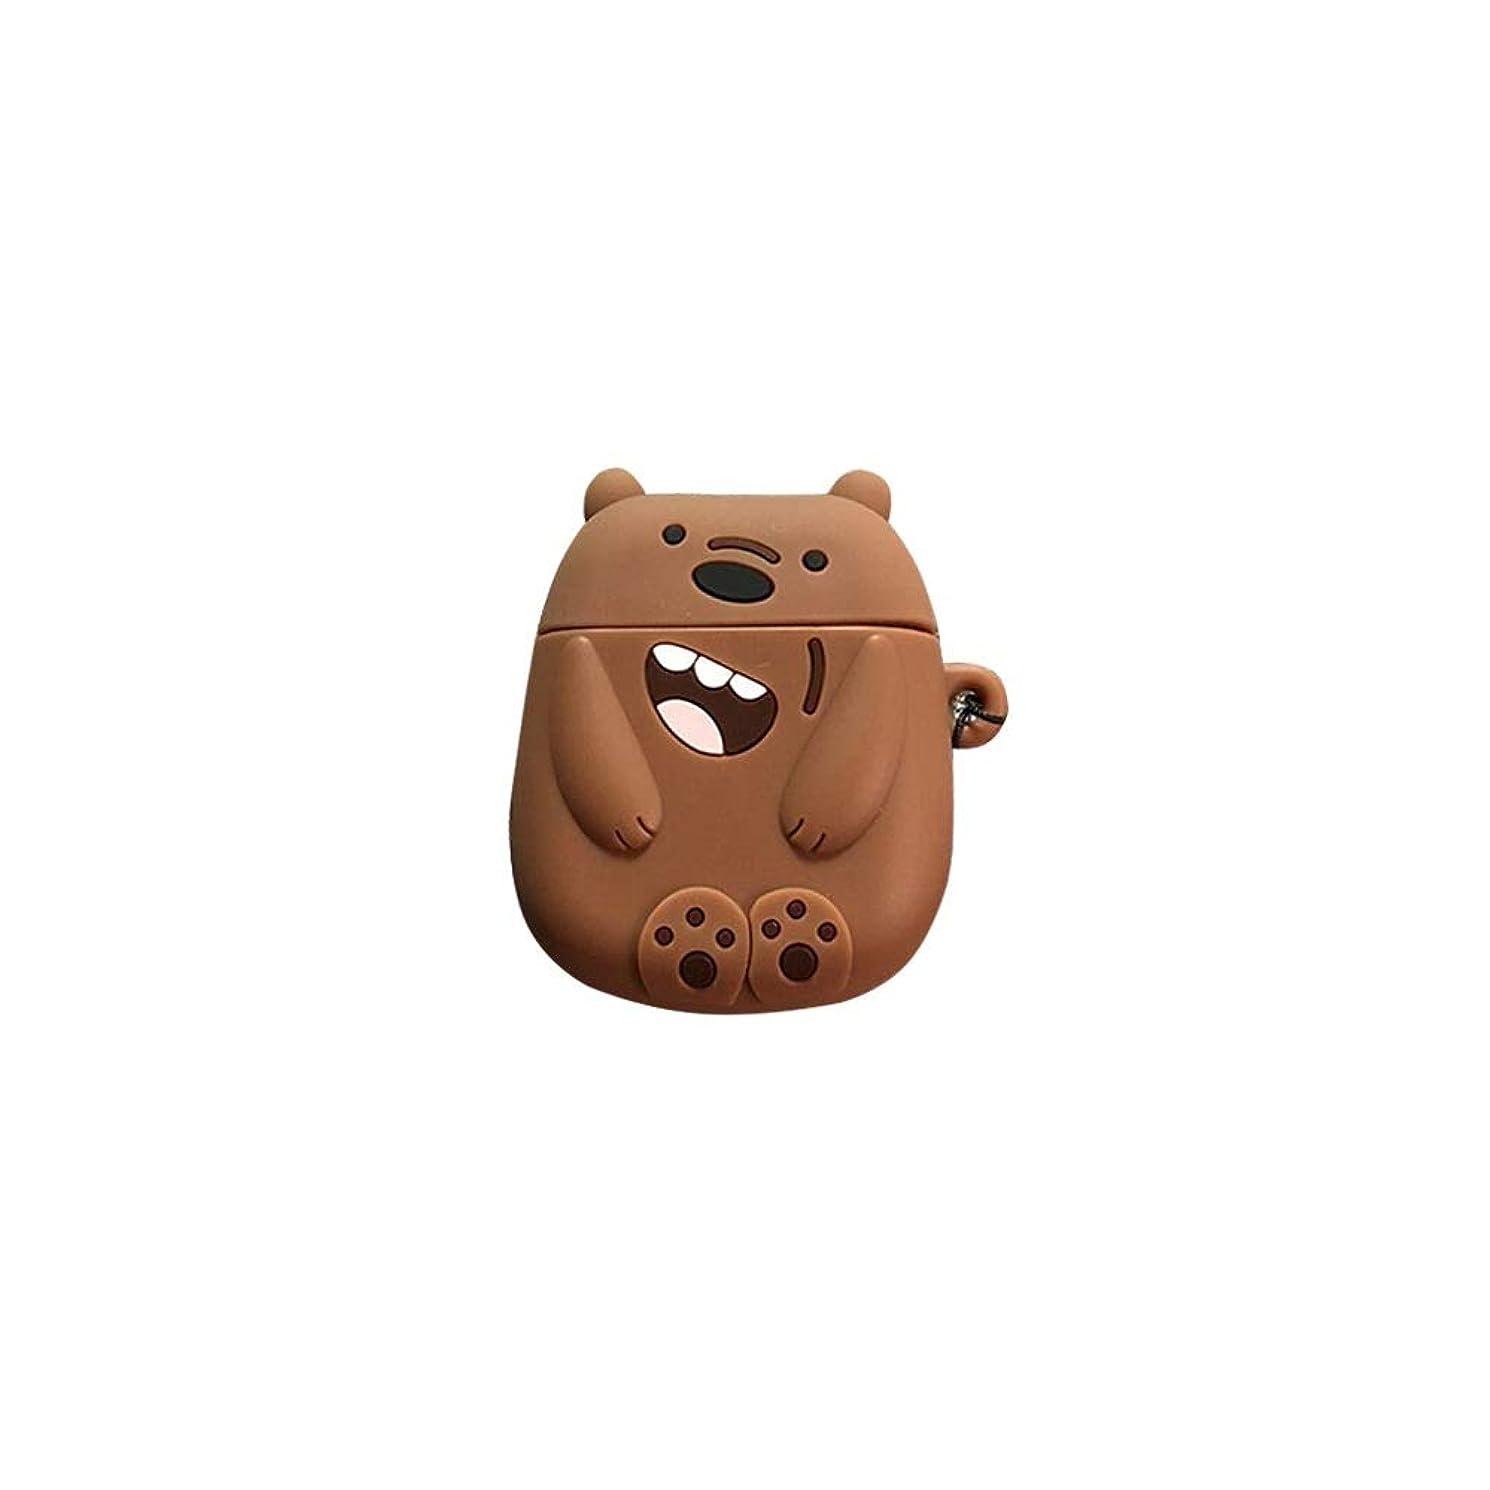 肘駅ブロンズHKXR 漫画かわいいくまAirpods保護カバー2世代シリコーンソフトシェルワイヤレスBluetoothヘッドセットのカップルボックス (Color : Brown)